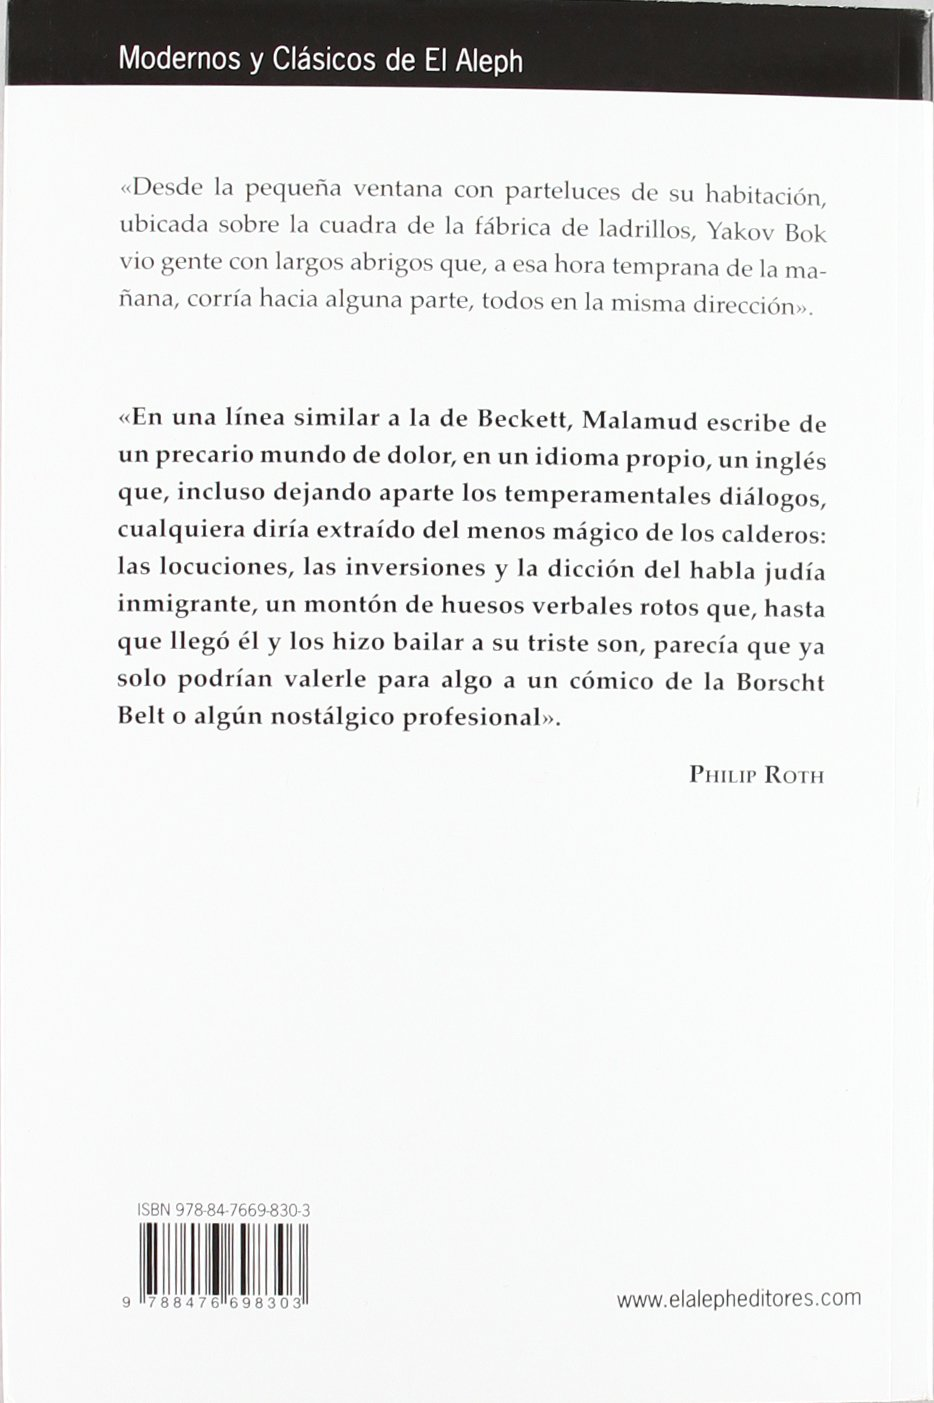 El reparador: Bernard (1914-1986); Rodríguez-Vida, Susana (1948-) , (tr.) Malamud: 9788476698303: Amazon.com: Books